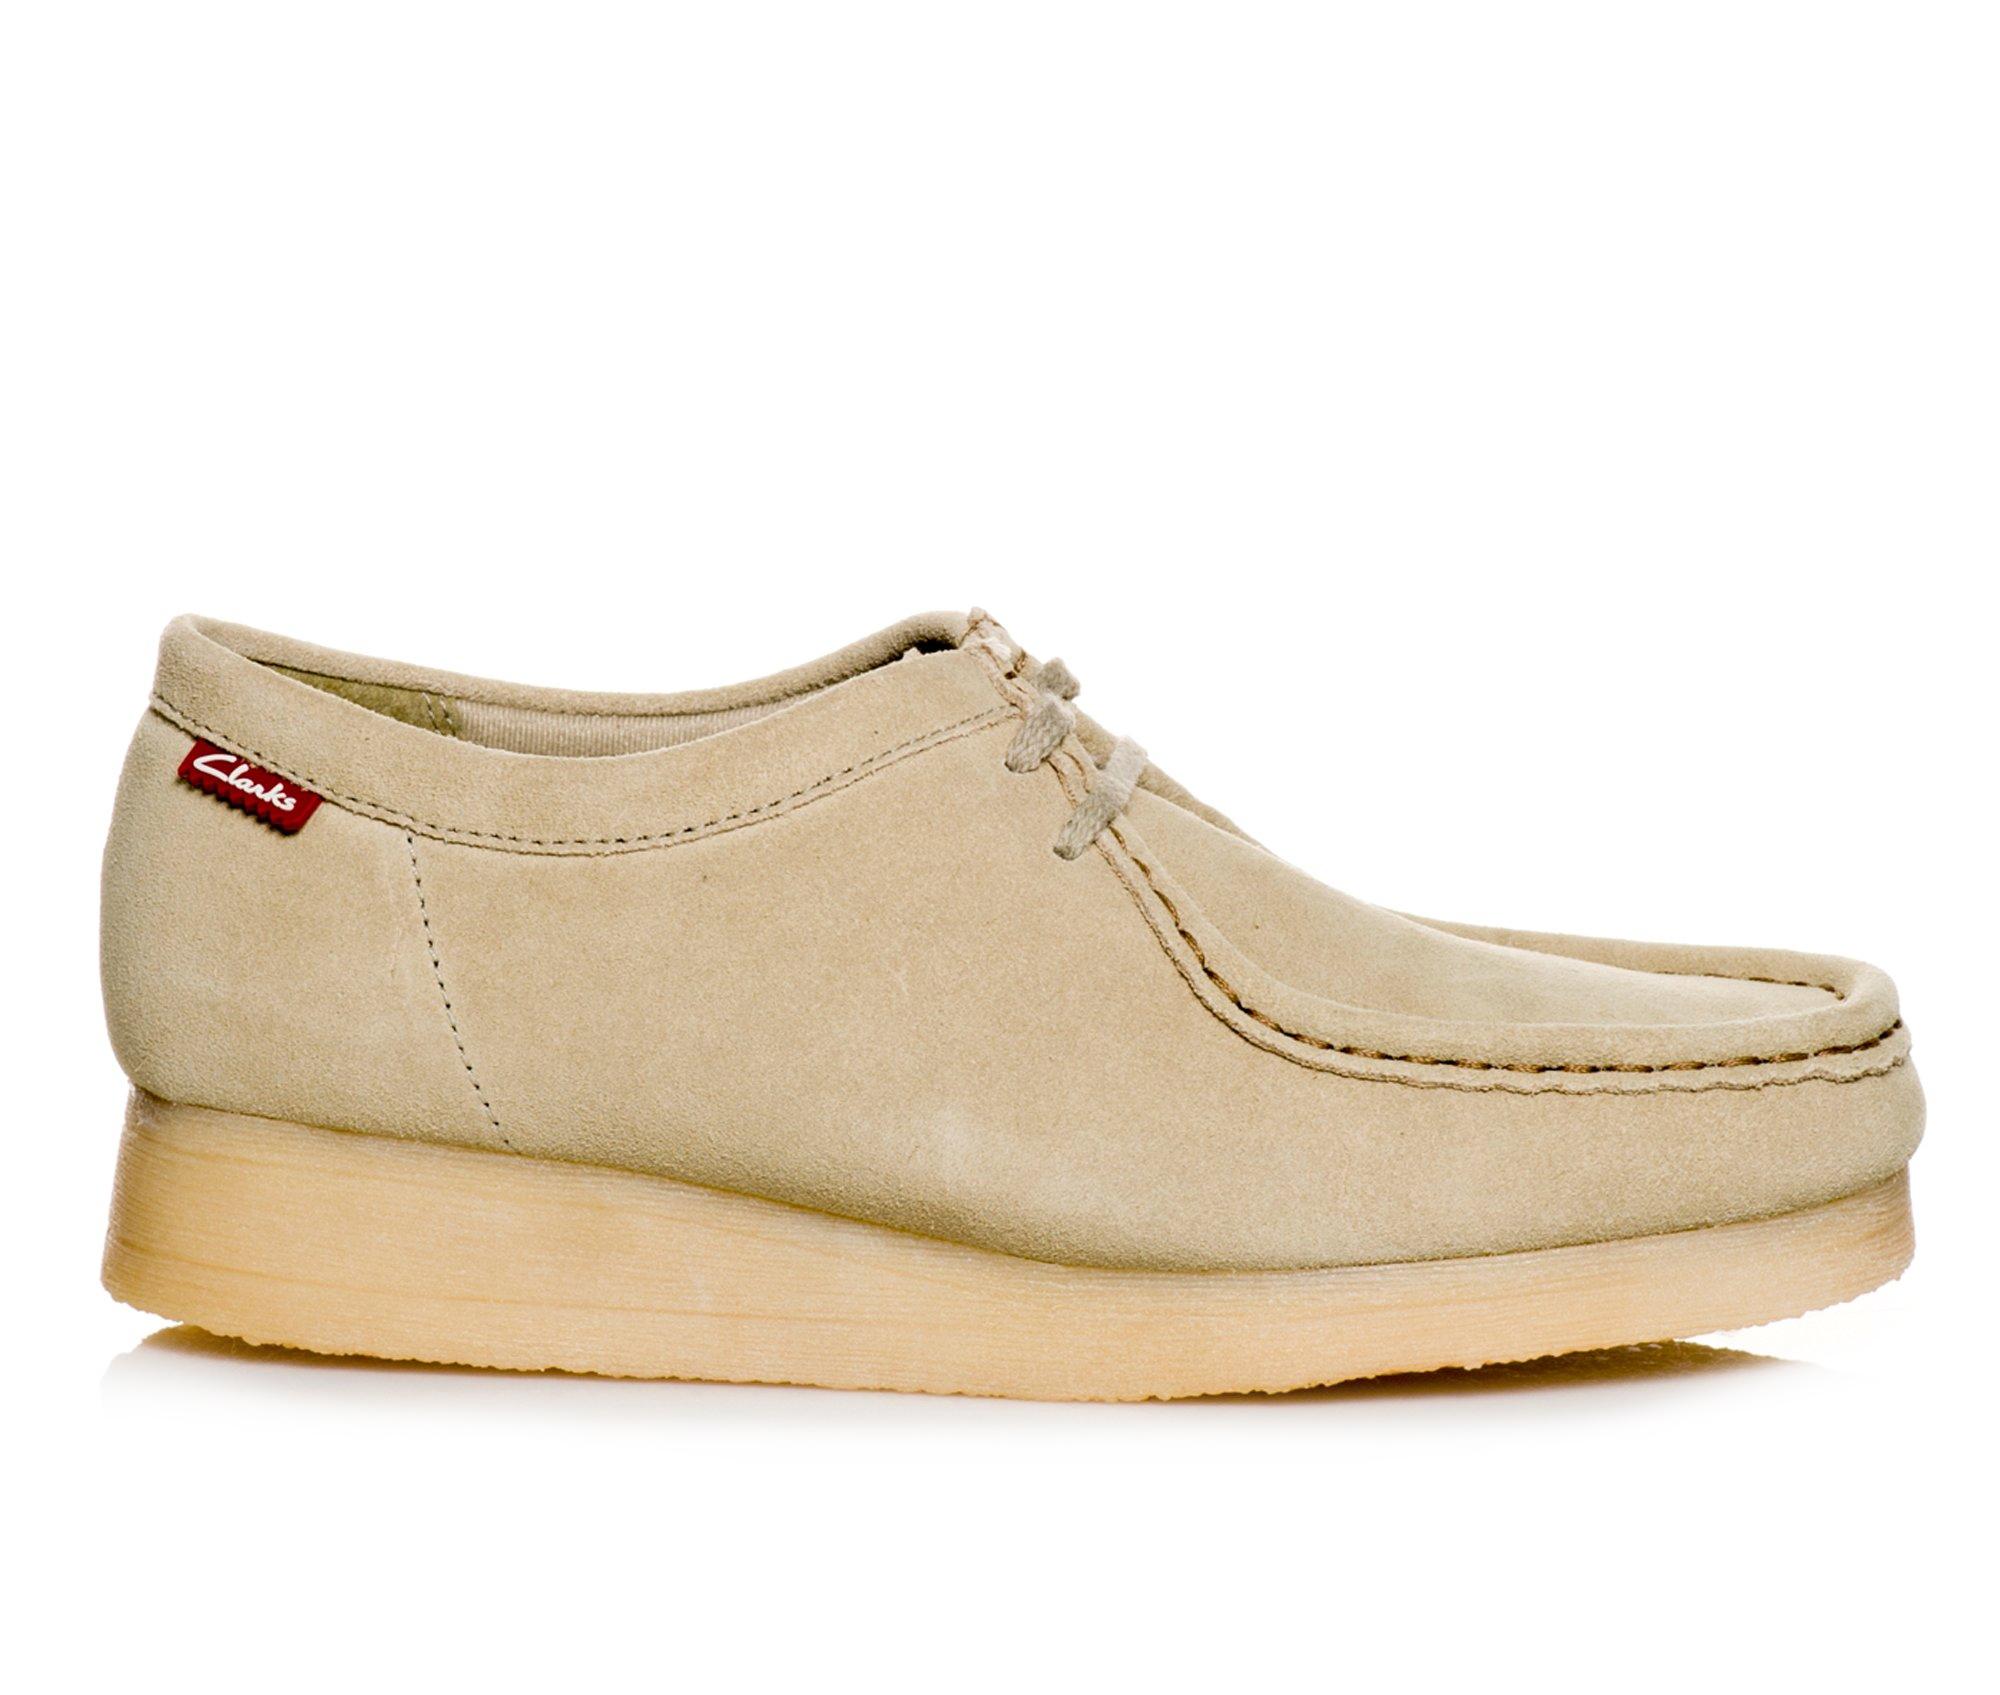 Clarks Padmore Women's Shoe (Beige Suede)